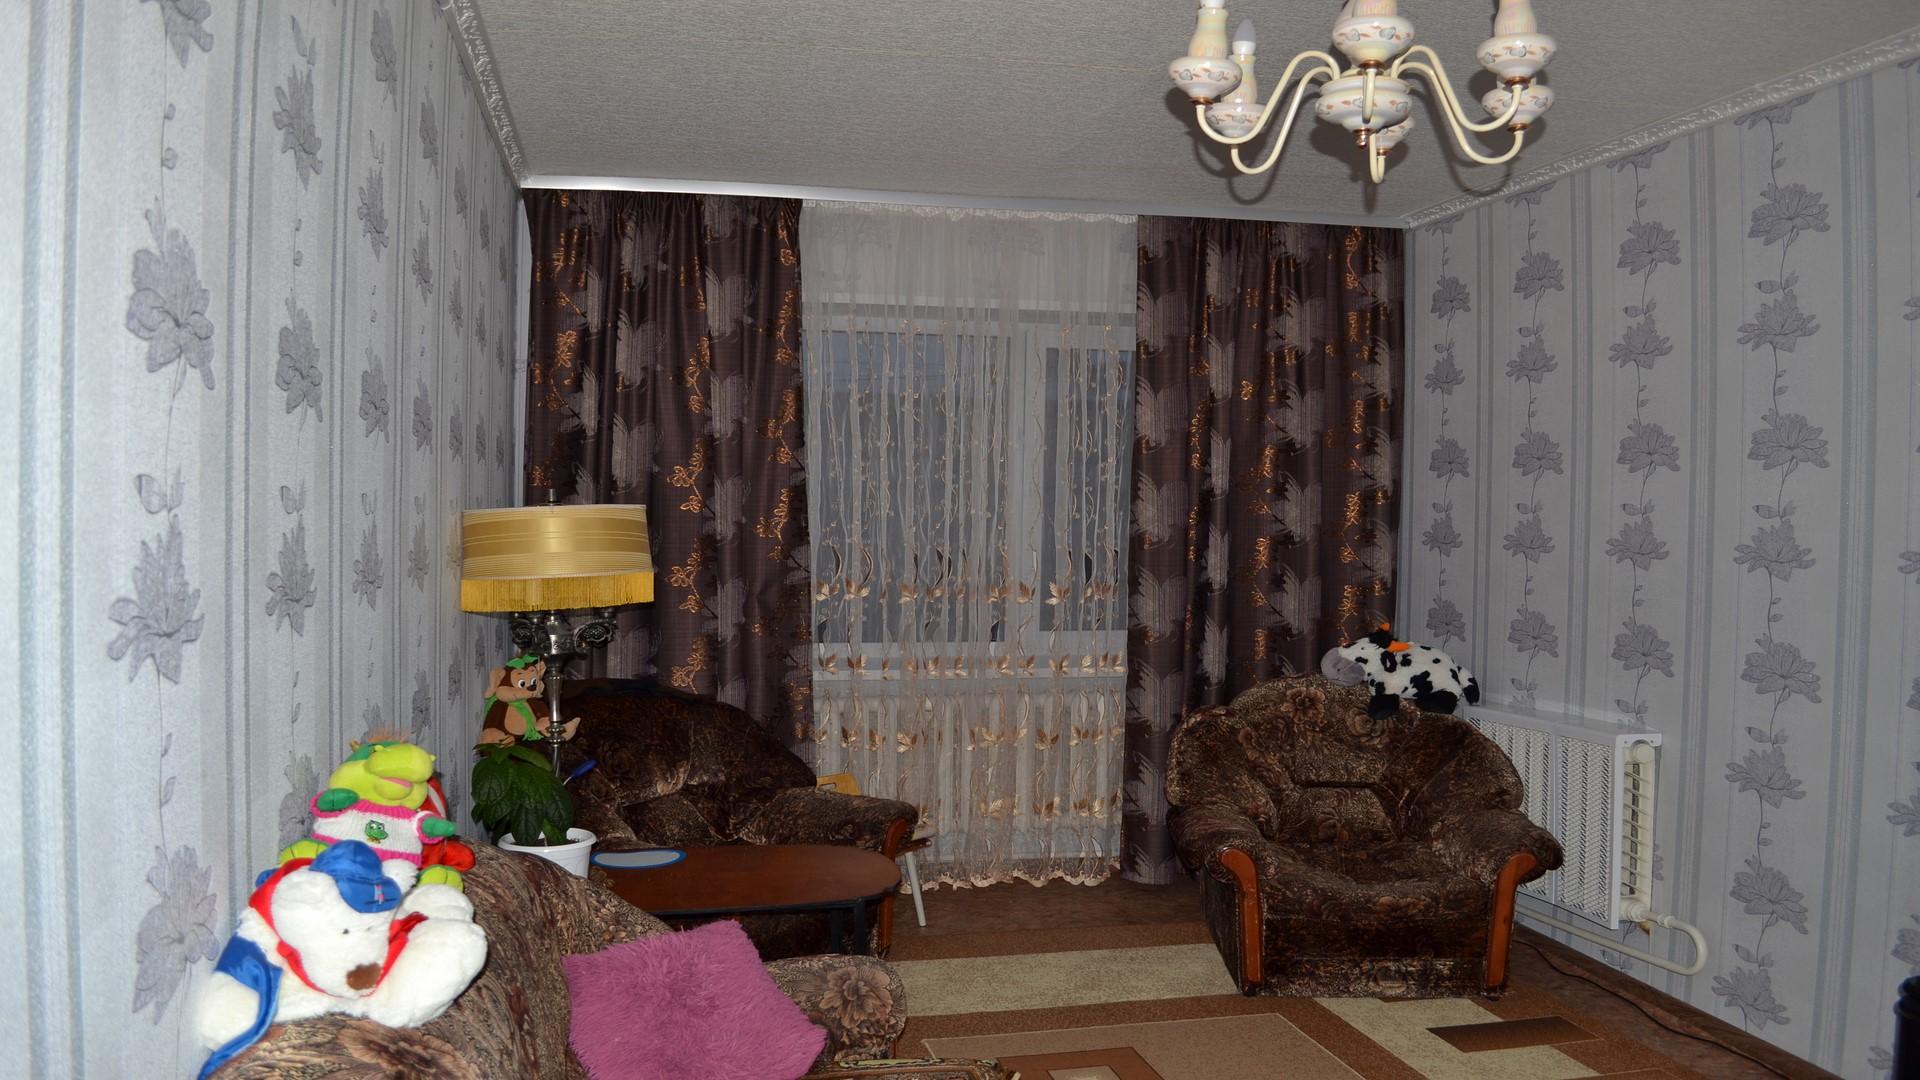 http://mielsever.3an.ru/files/DSC_0934_Kopirovat.jpg